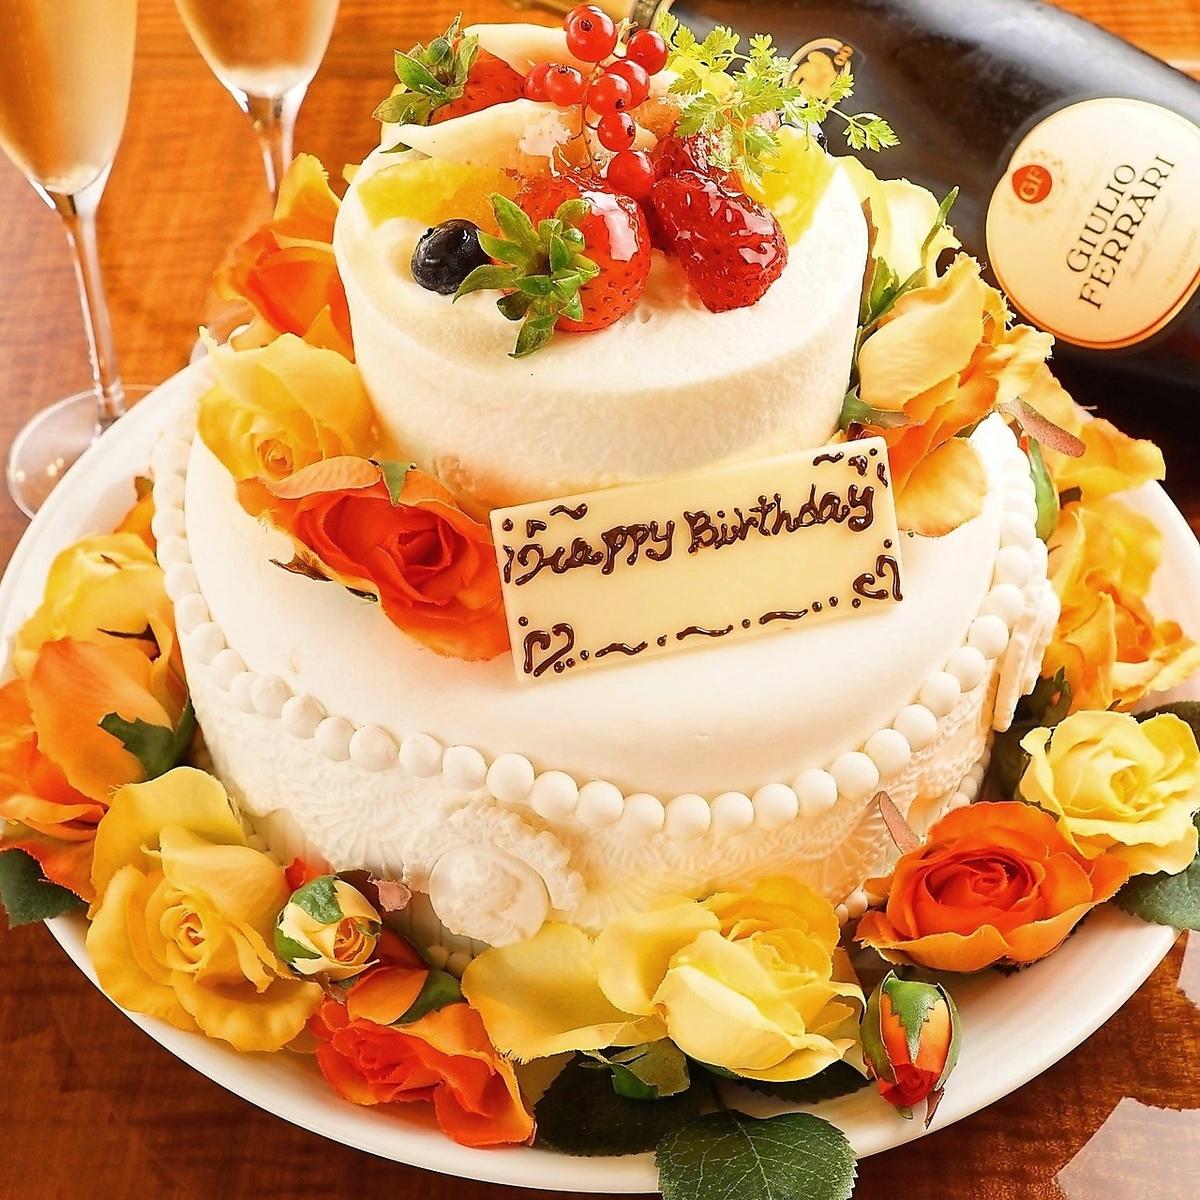 メッセージ入り豪華ケーキ